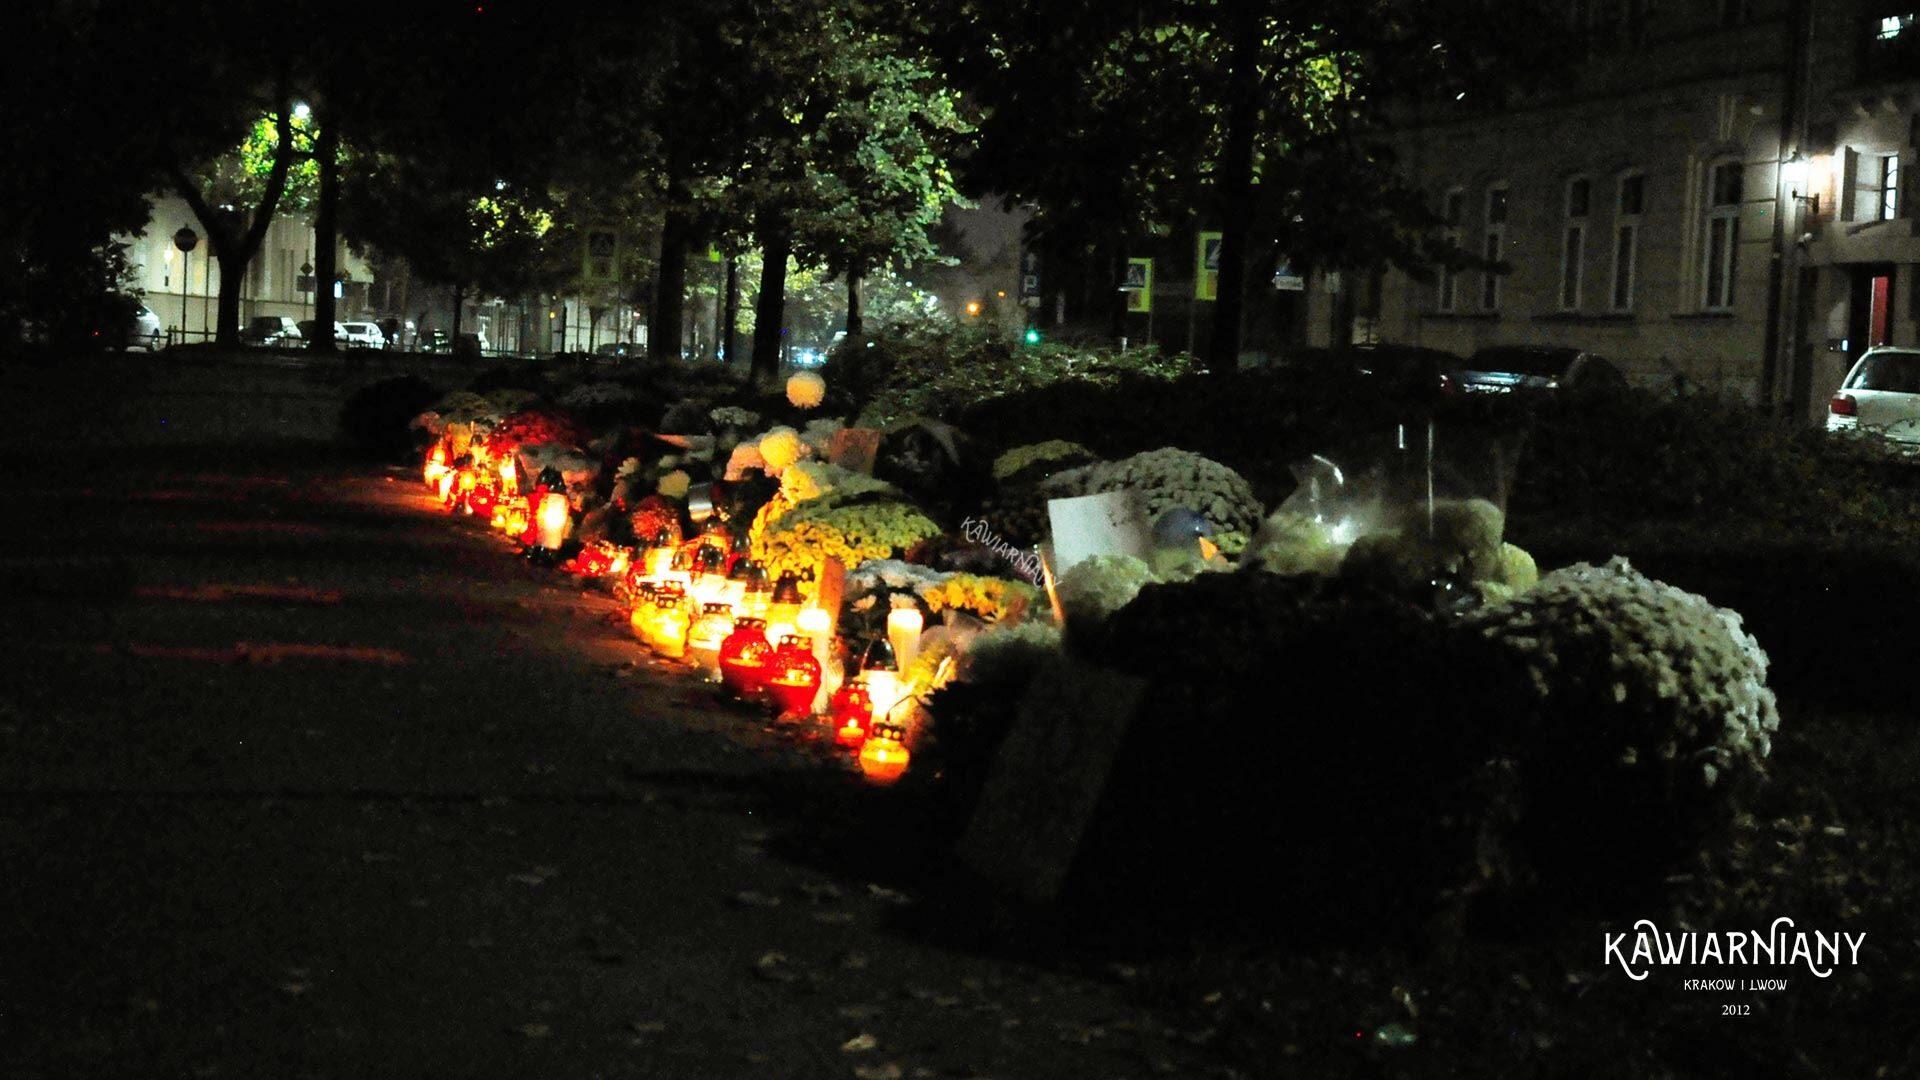 Nie na cmentarz to pod siedzibę PiS. Krakowianie składają znicza pod siedzibą partii